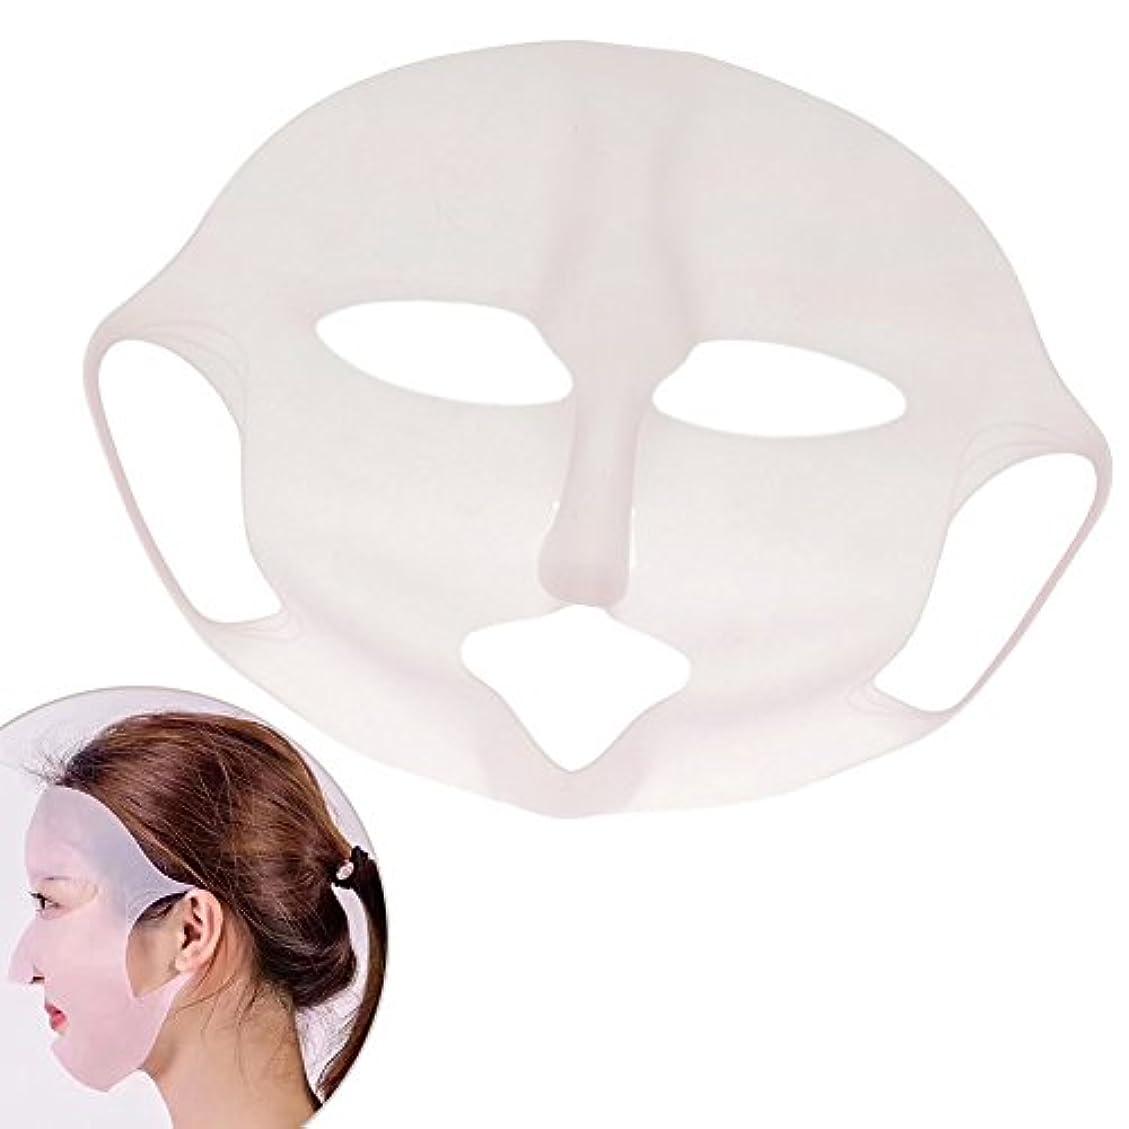 フライカイトブランド名取り消すフェイスパックカバー シリコンマスク フェイスマスク 美容液 防蒸発 保湿 便利なグッズ 吸収 3枚入り 21cm